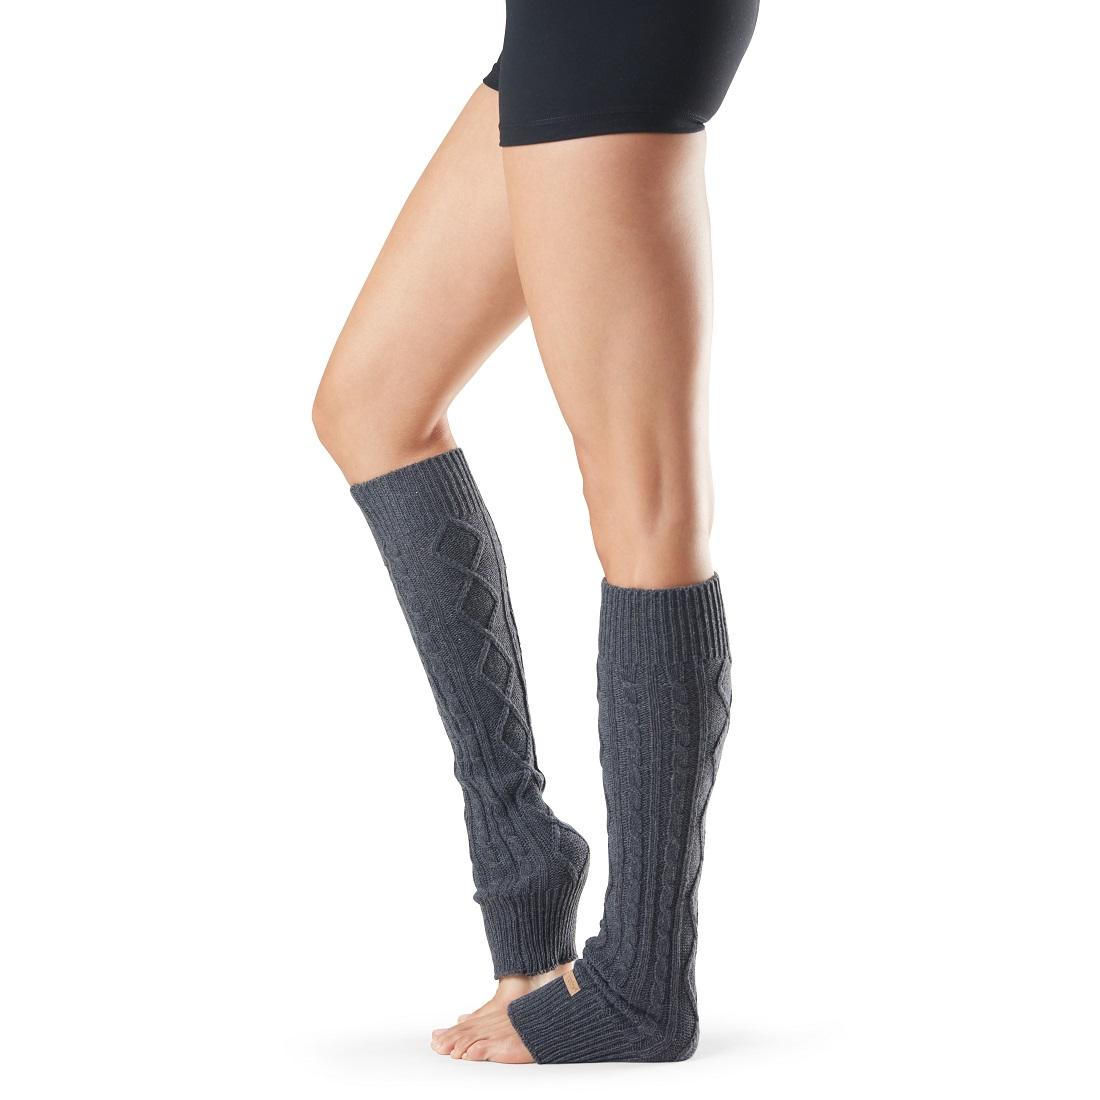 Beinstulpen ToeSox Leg Warmers Knee High - 1